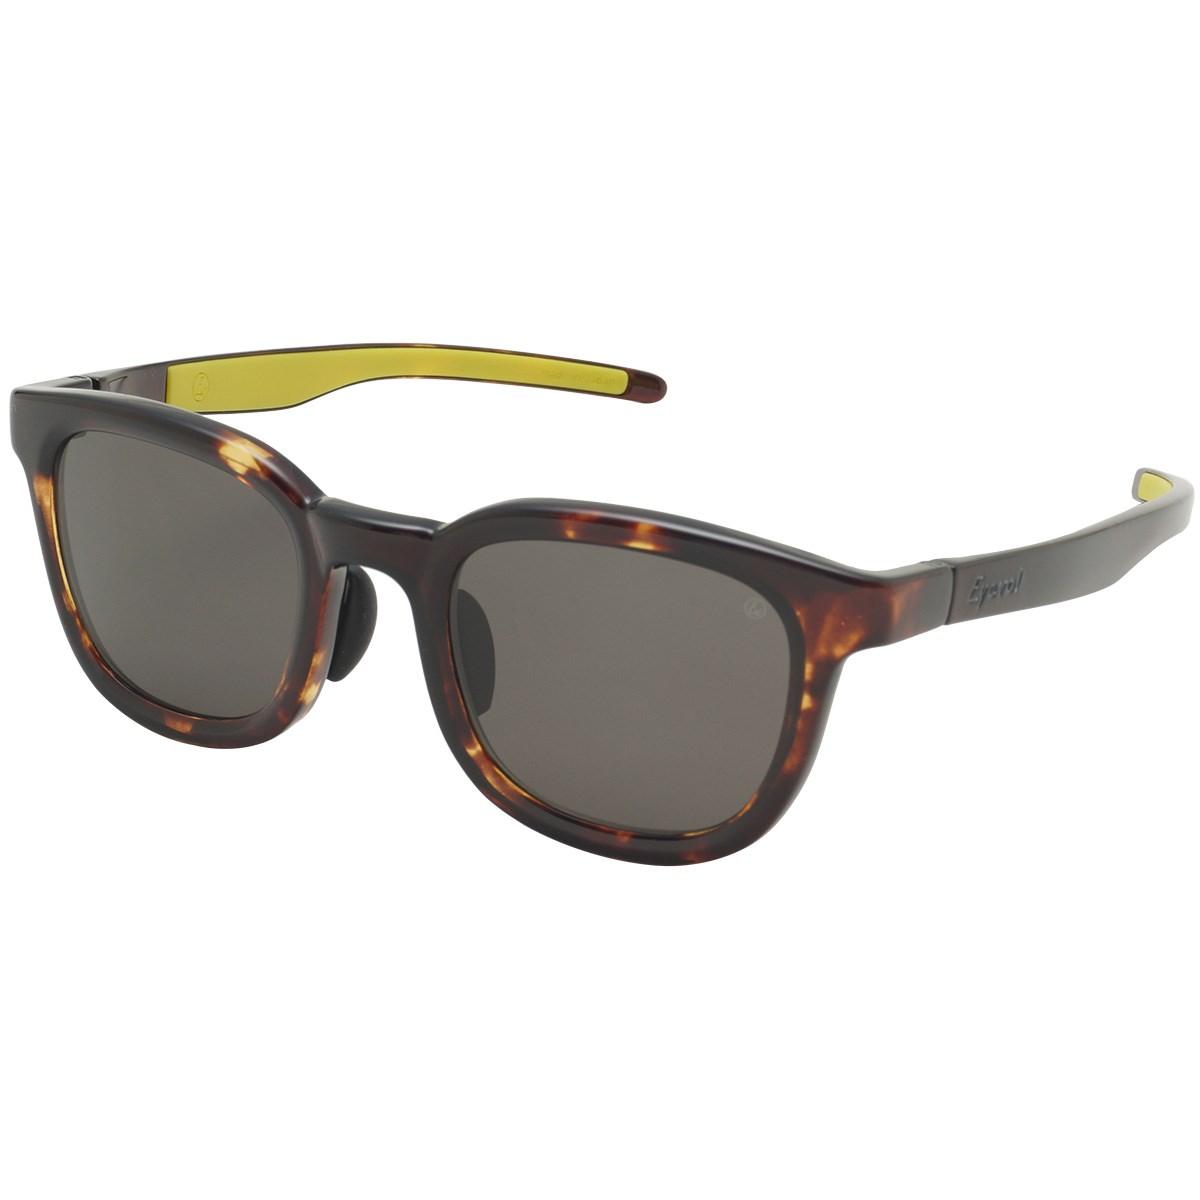 アイヴォル WINZELER 2 XL 50 偏光レンズサングラス